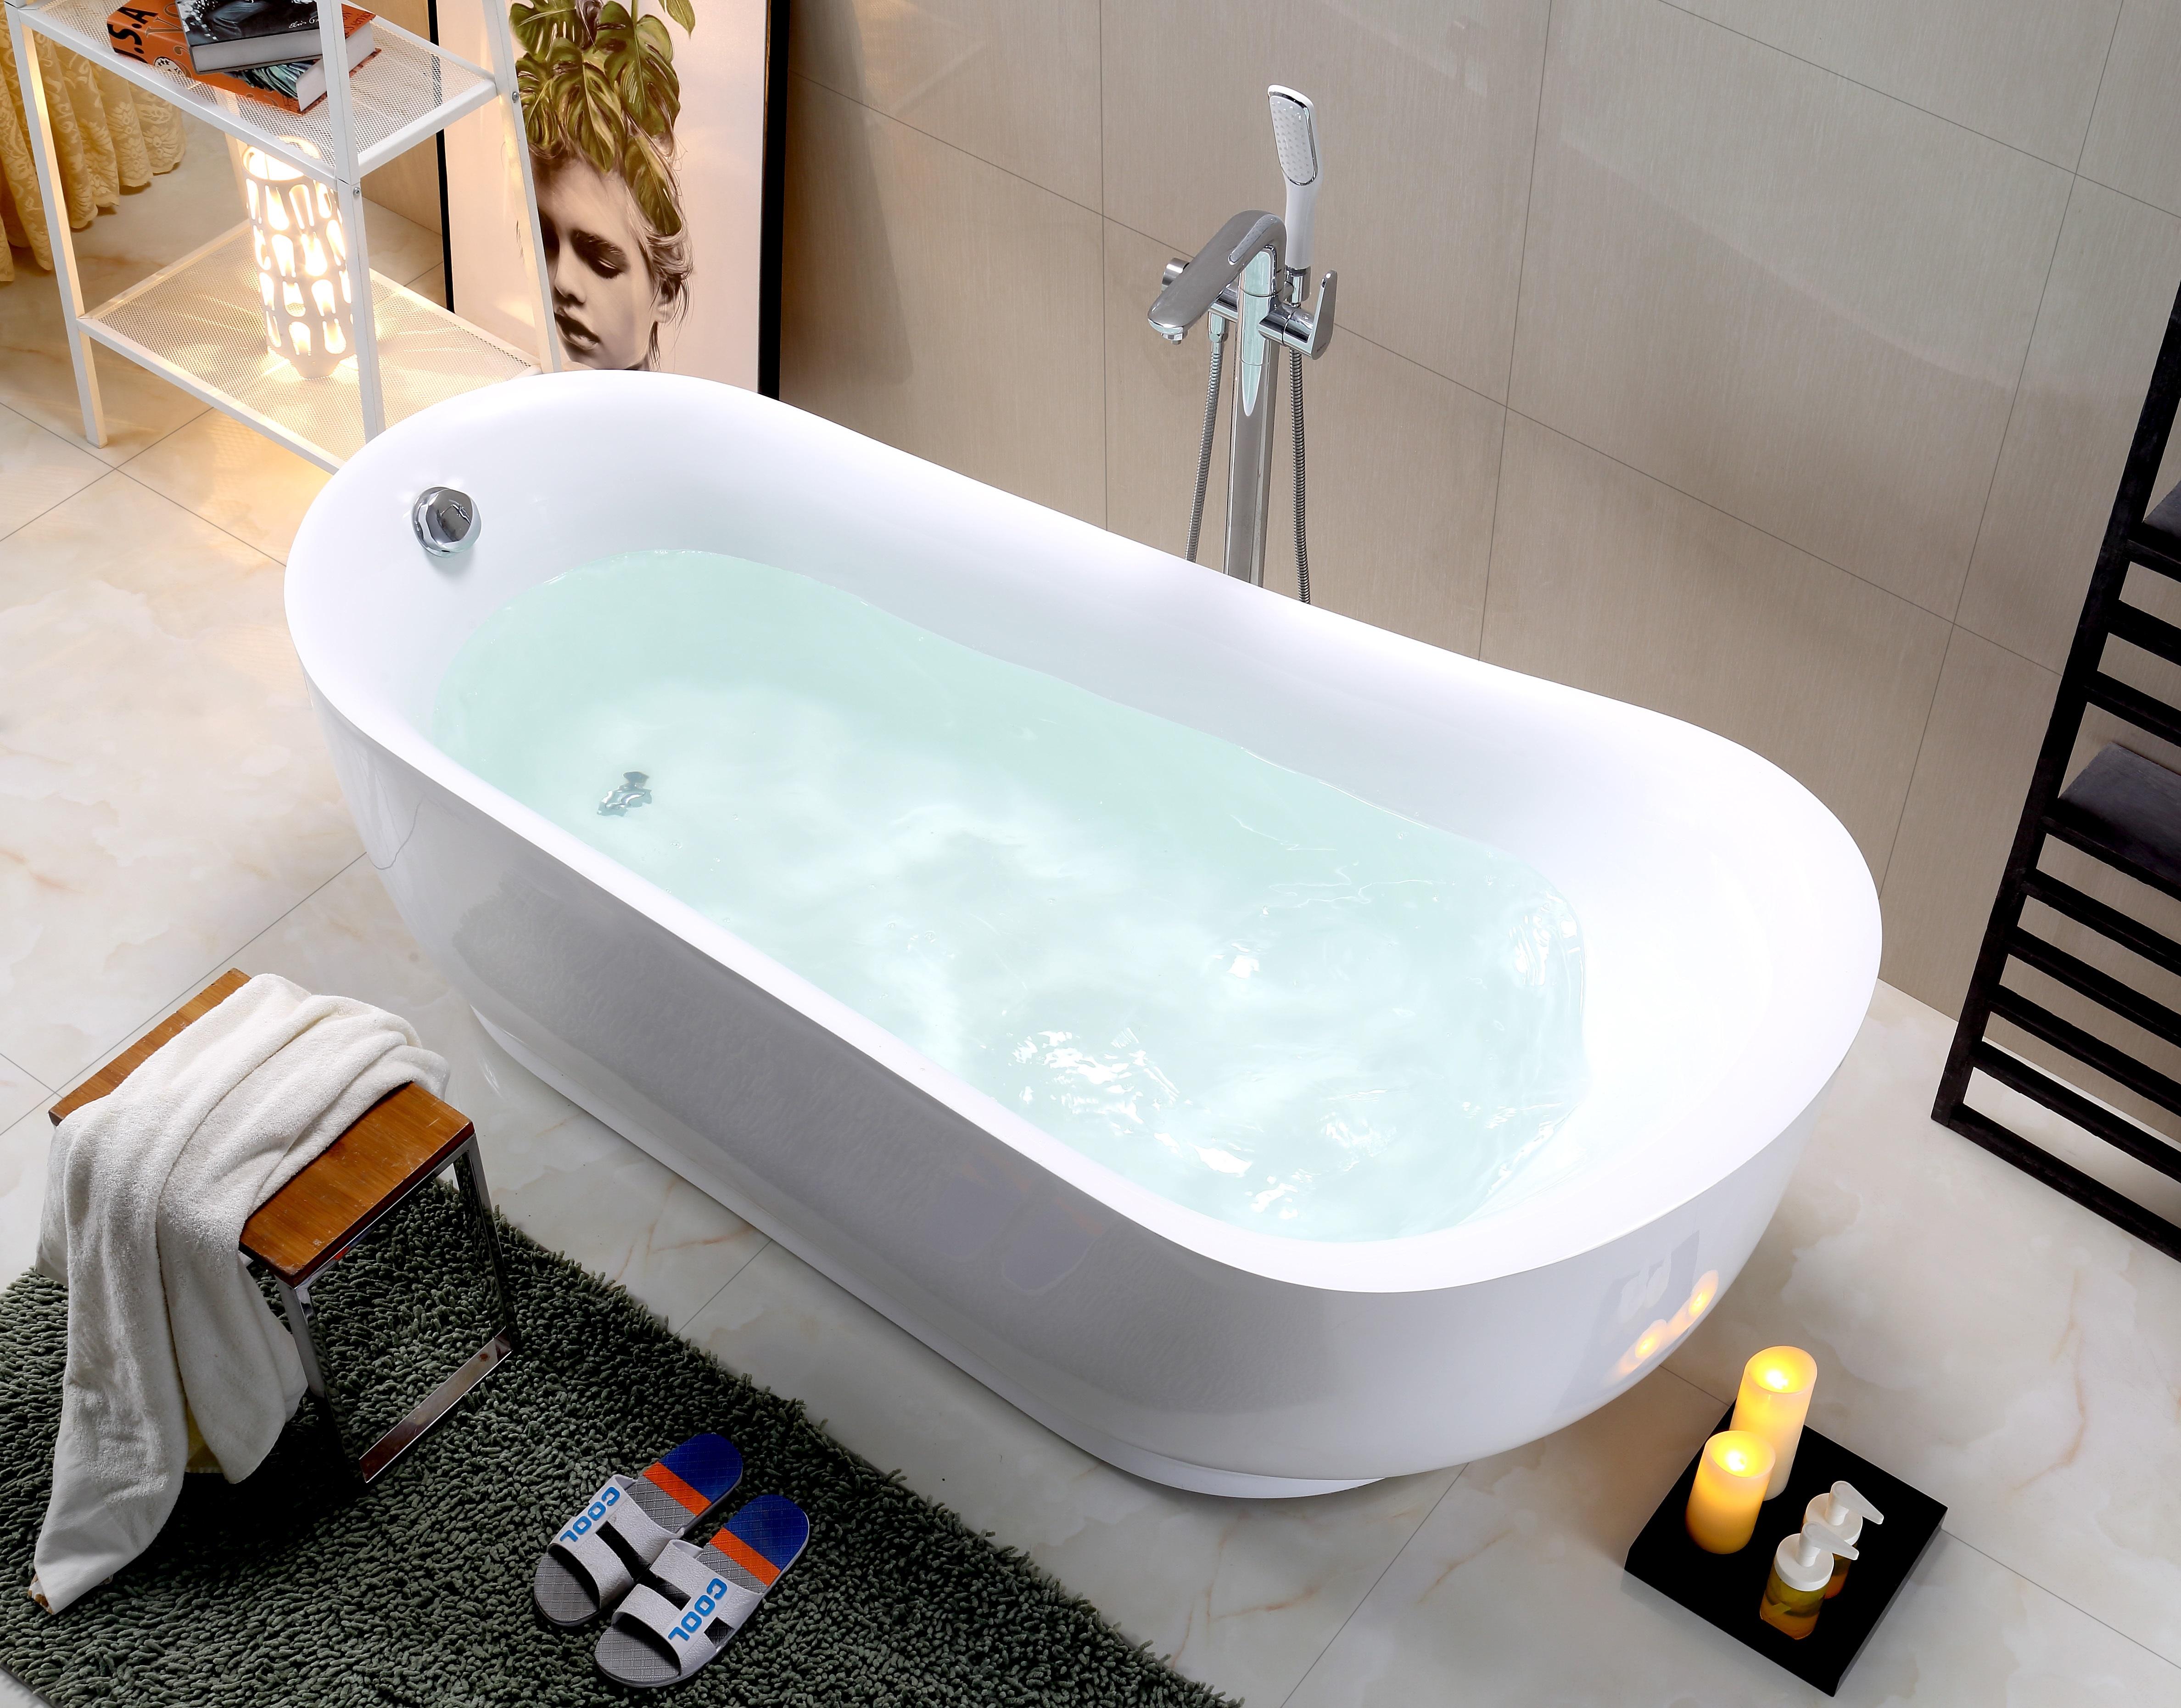 卫浴厂家直销新款独立浴缸欧式亚克力浴缸家居SPA双人浴盆